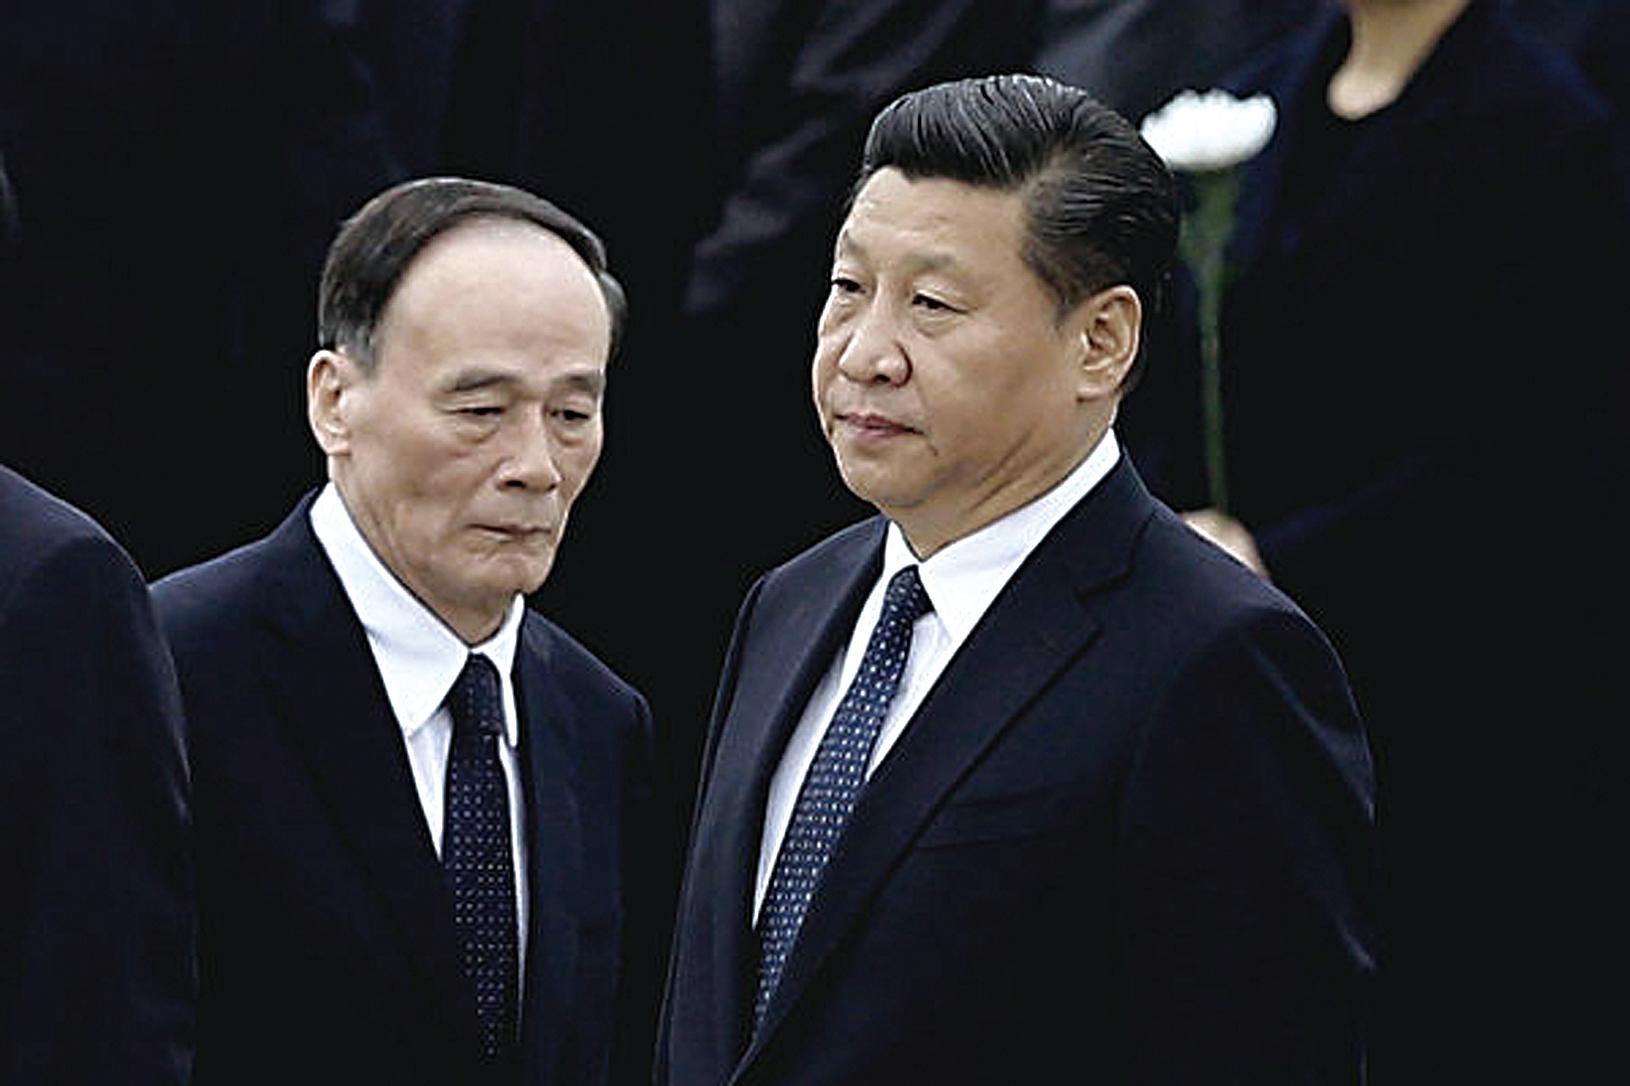 8月29-31日王岐山到訪廣東,日媒報導分析認為,王是替習近平向林鄭傳旨,佈局平息香港事態。(大紀元資料室)